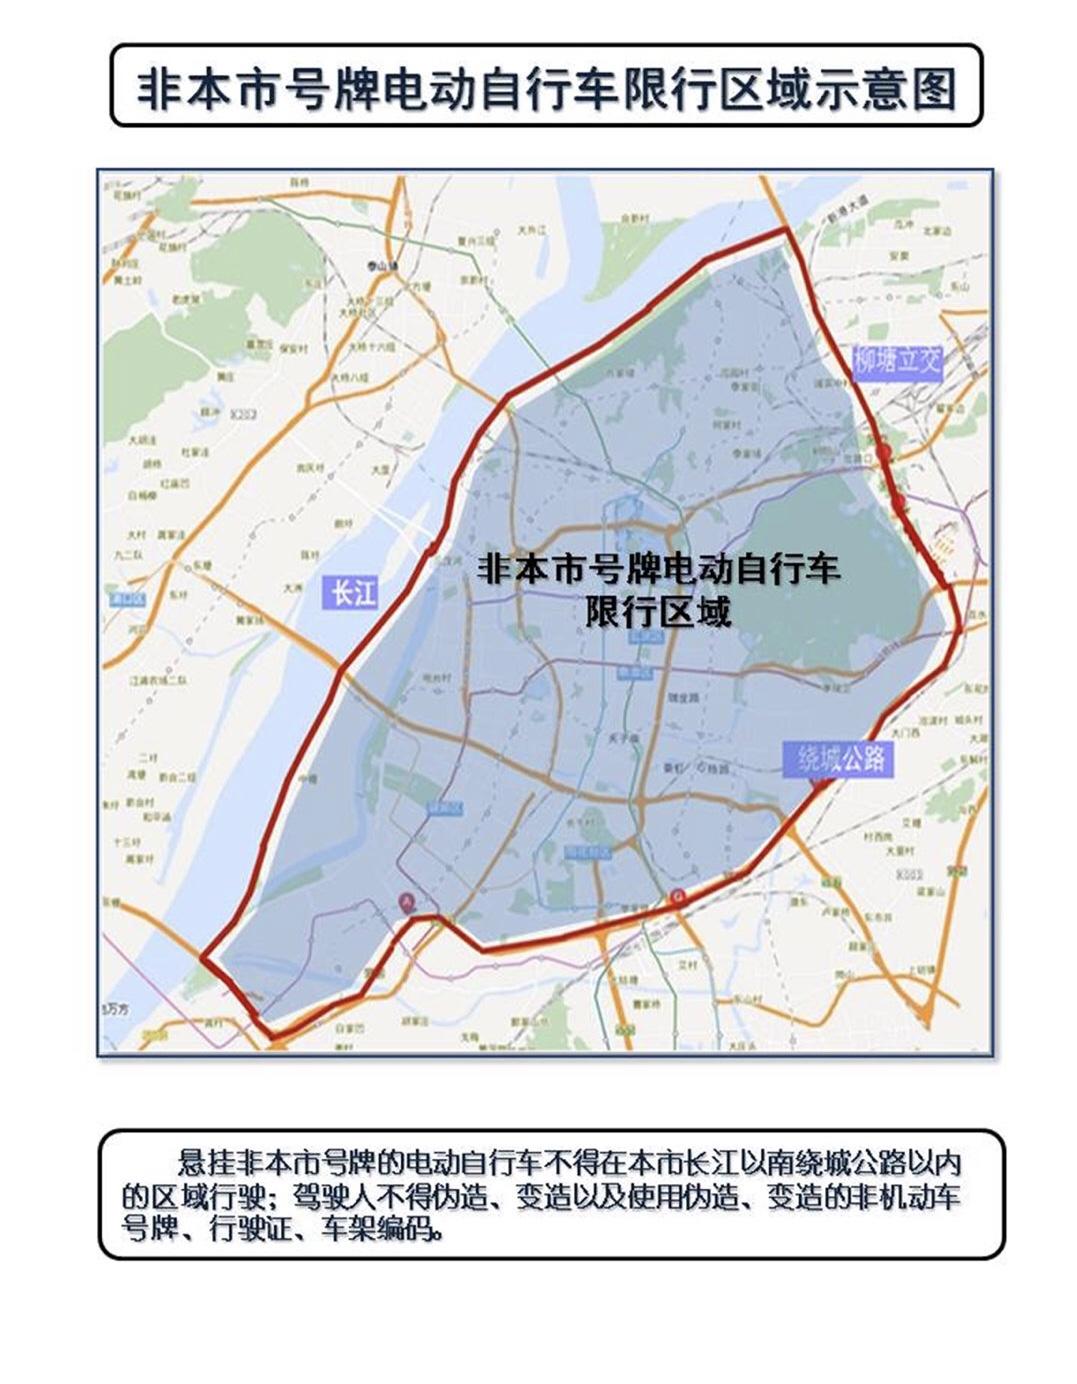 江苏南京:自6月1日起将对非本市号牌电动自行车限行